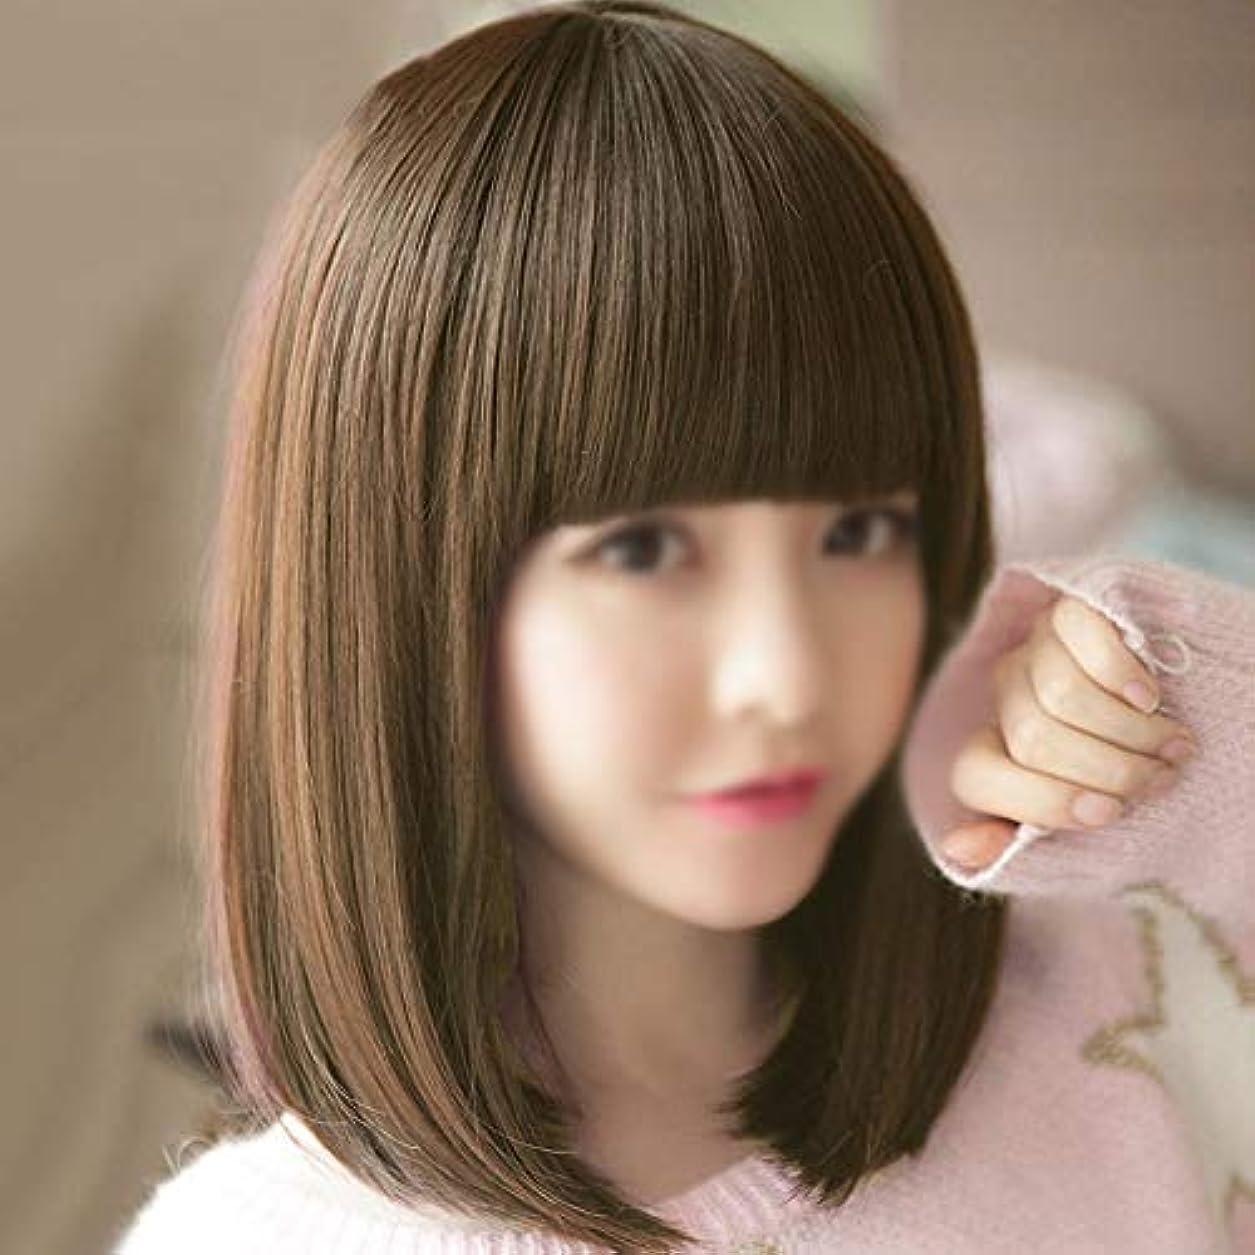 スタウト性格同封するWASAIO ショートヘア前髪ウィッグウィメンズブラウンショートストレートヘアボブ (色 : 淡い茶色)